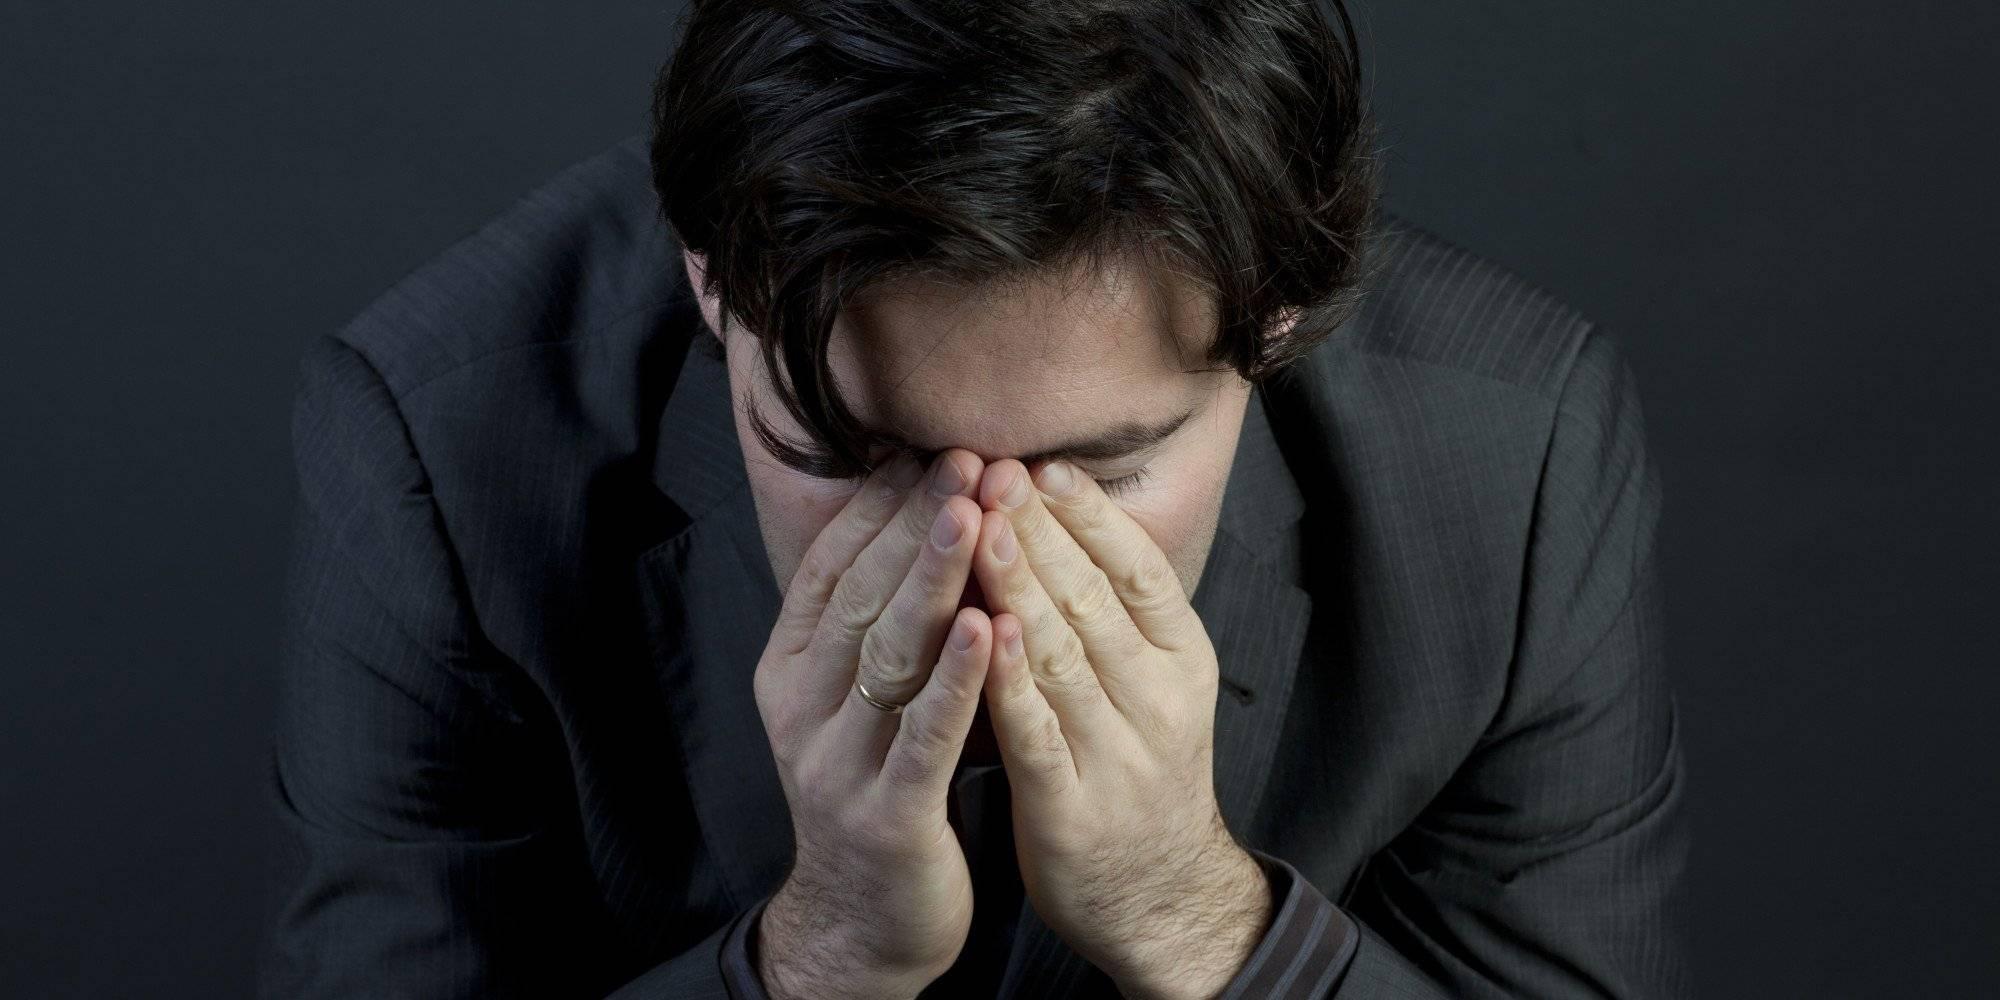 Депрессия у мужчины: что делать женщине, столкнувшейся с мужской депрессией